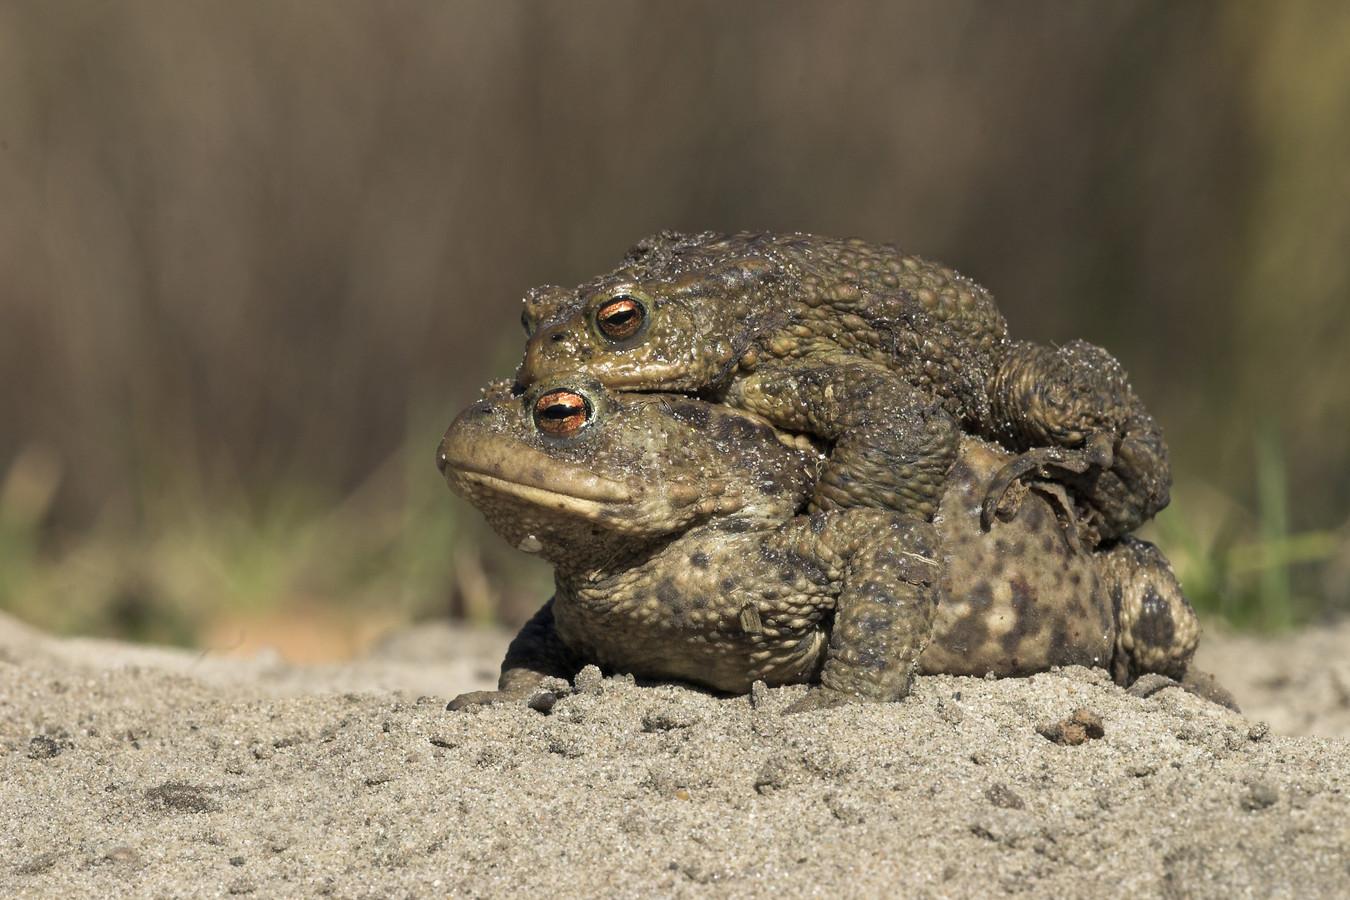 Een dubbeldekker: het kleine mannetje grijpt zijn kans en klimt alvast op het grotere vrouwtje. Maar dit maakt ze wel extra traag en kwetsbaar.